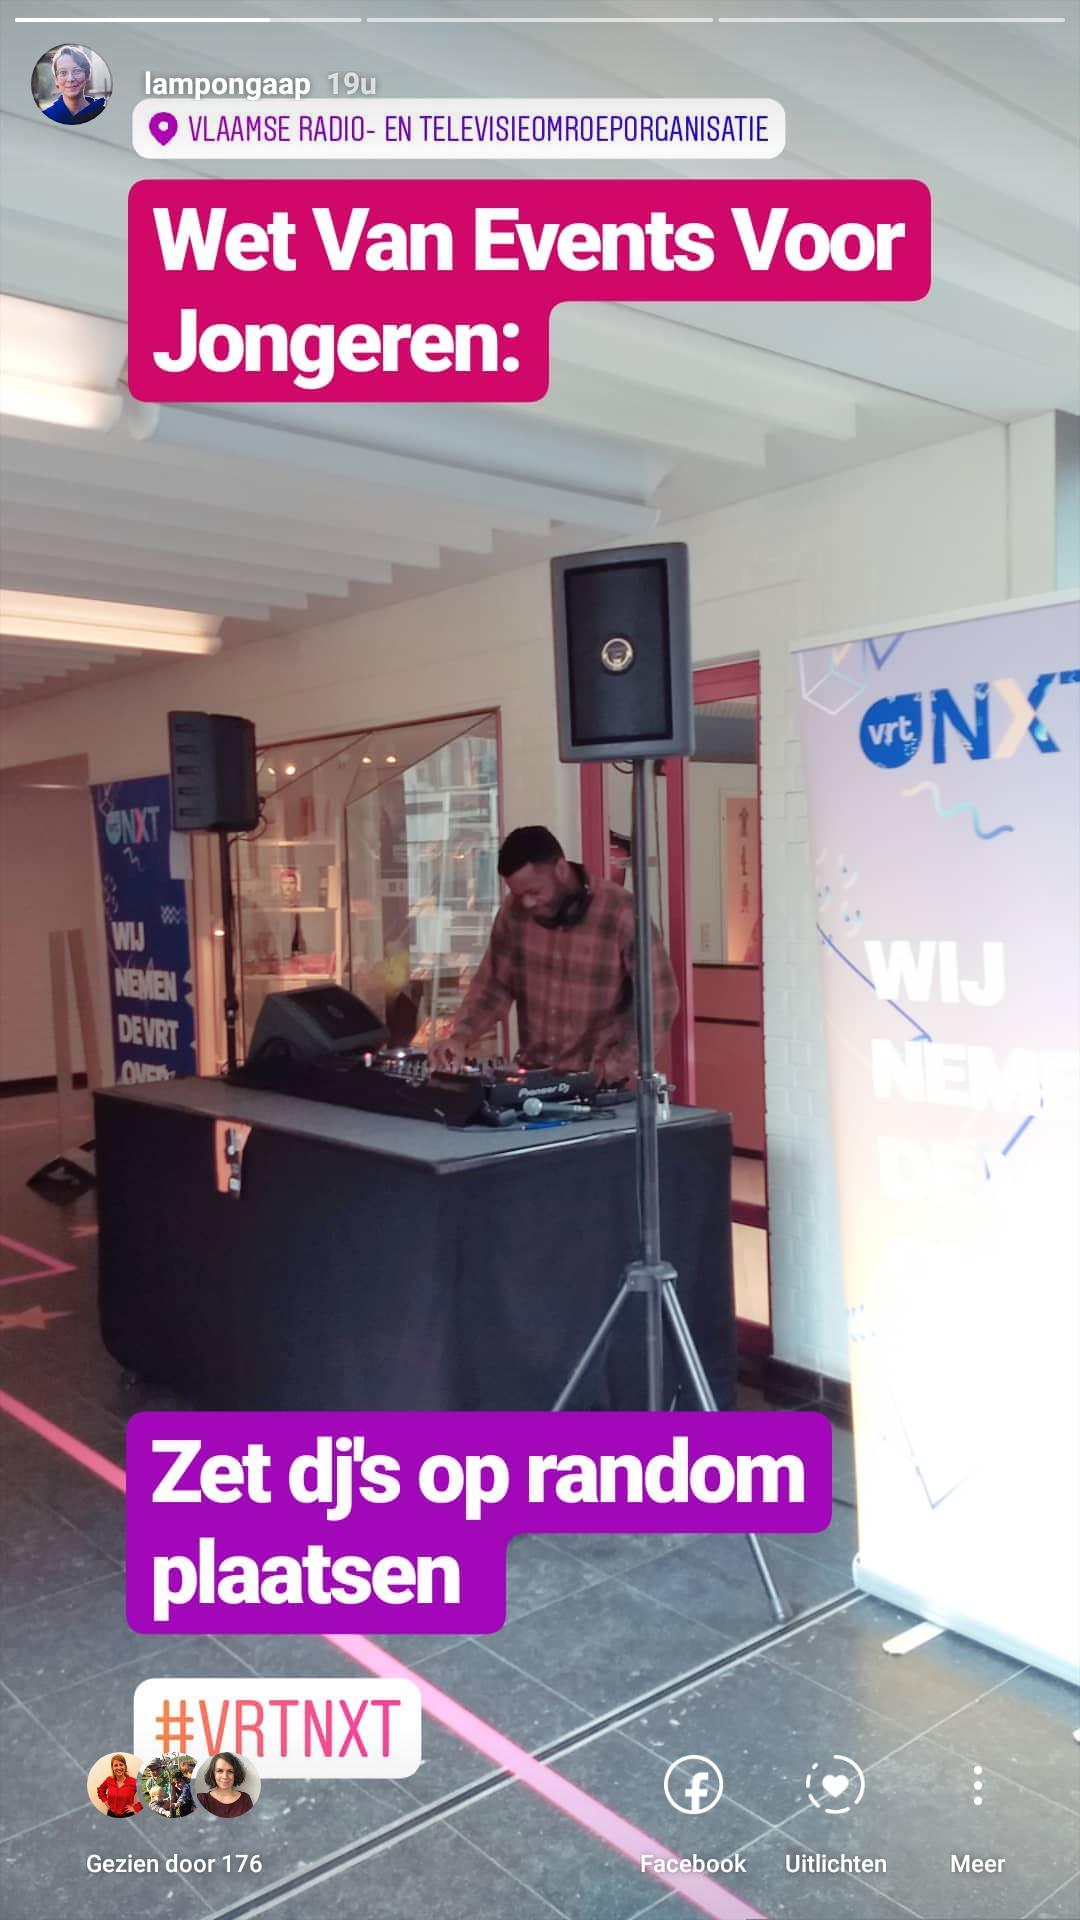 VRT NXT Random DJ's plaatsen voor jongeren